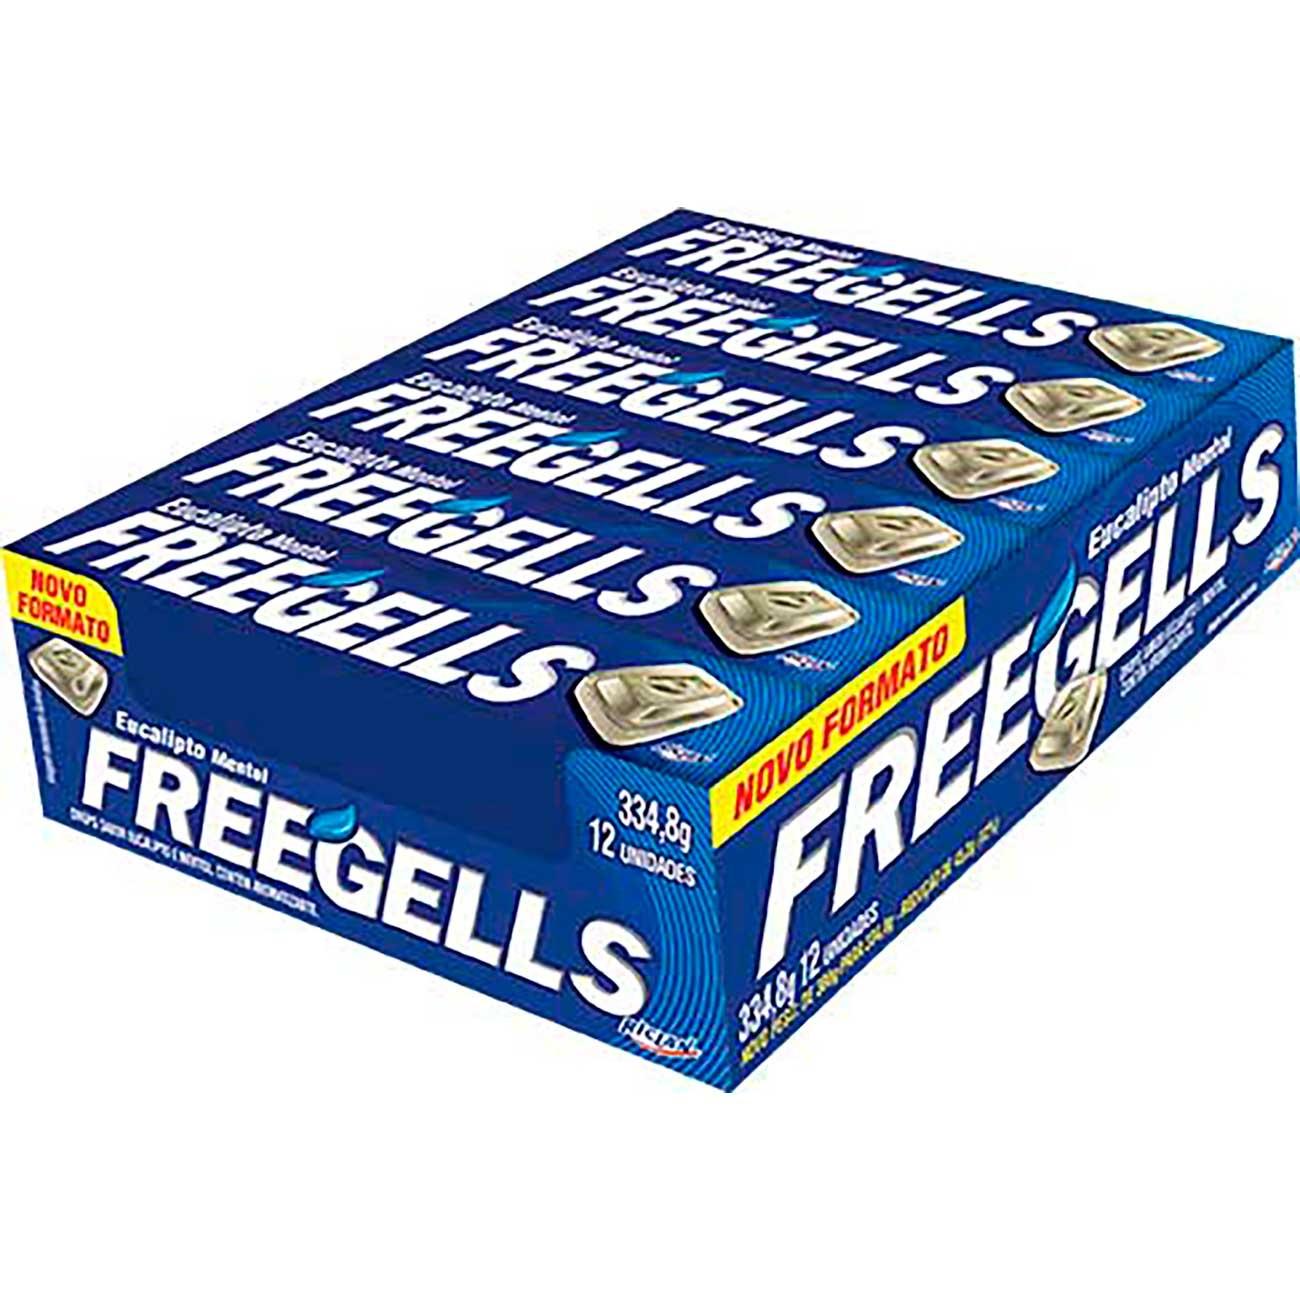 Drops Freegells Eucalipto | Caixa com 12 unidades